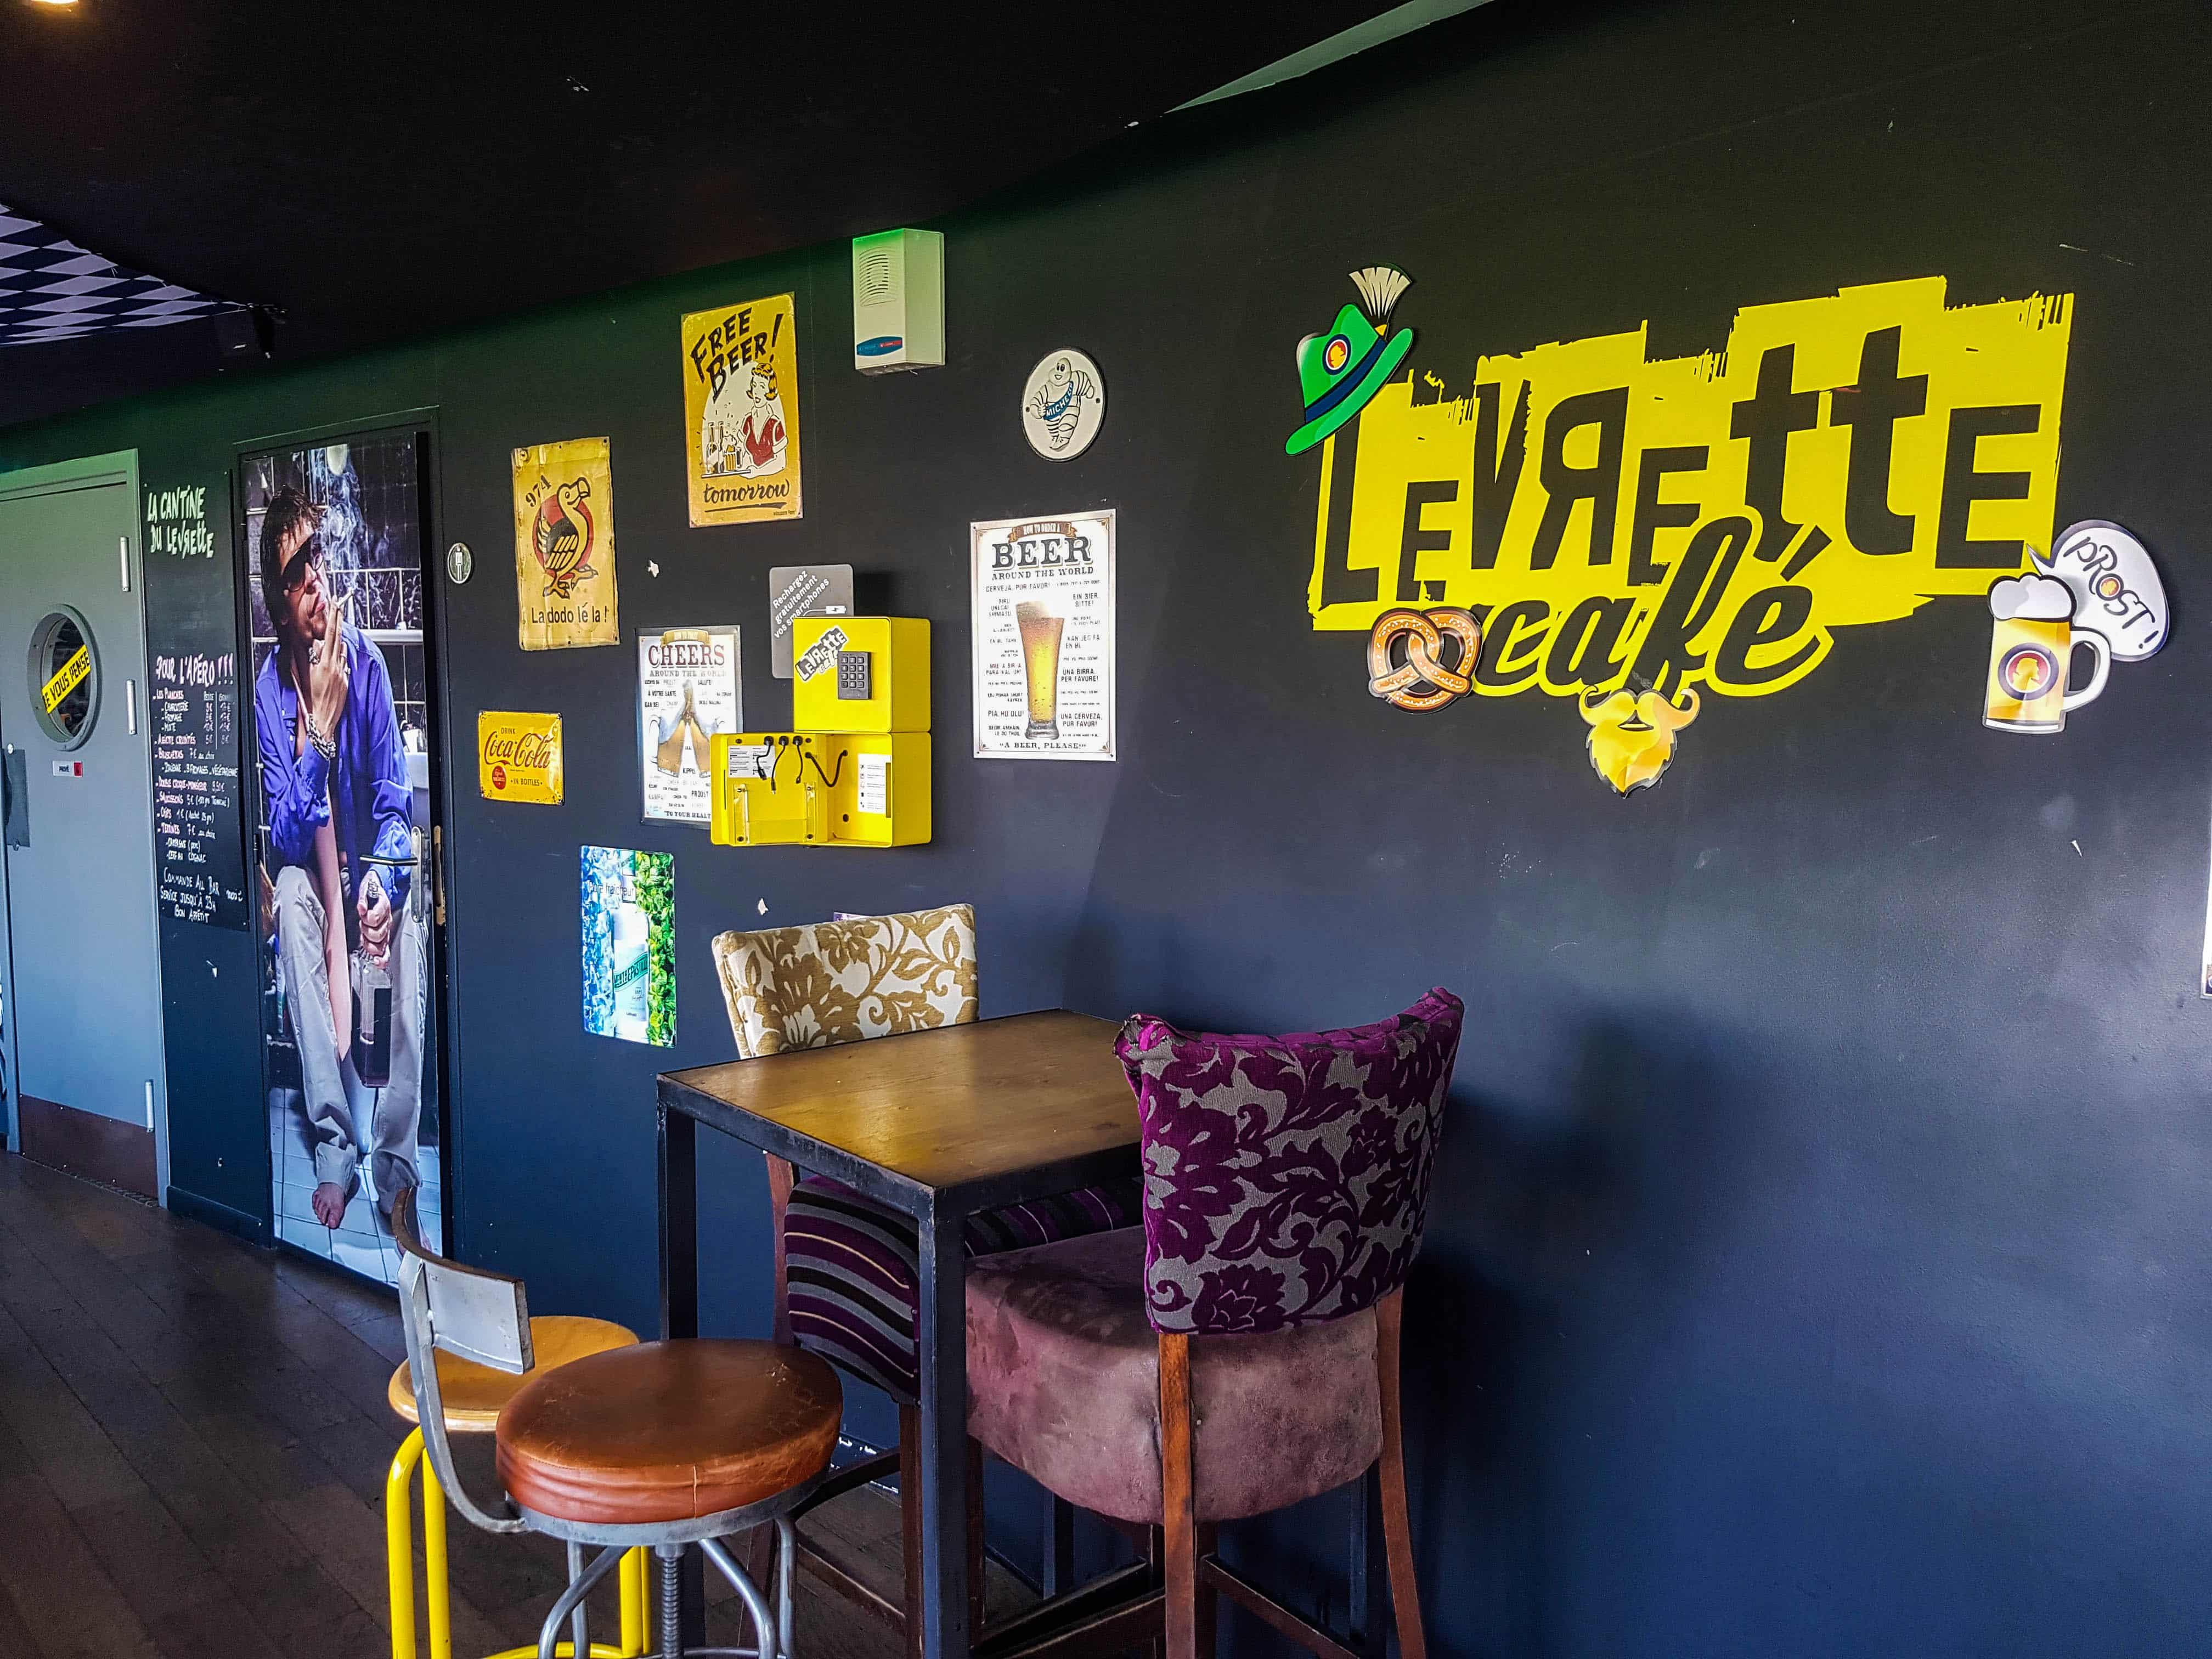 Borne de recharge pour téléphones chez Levrette Café